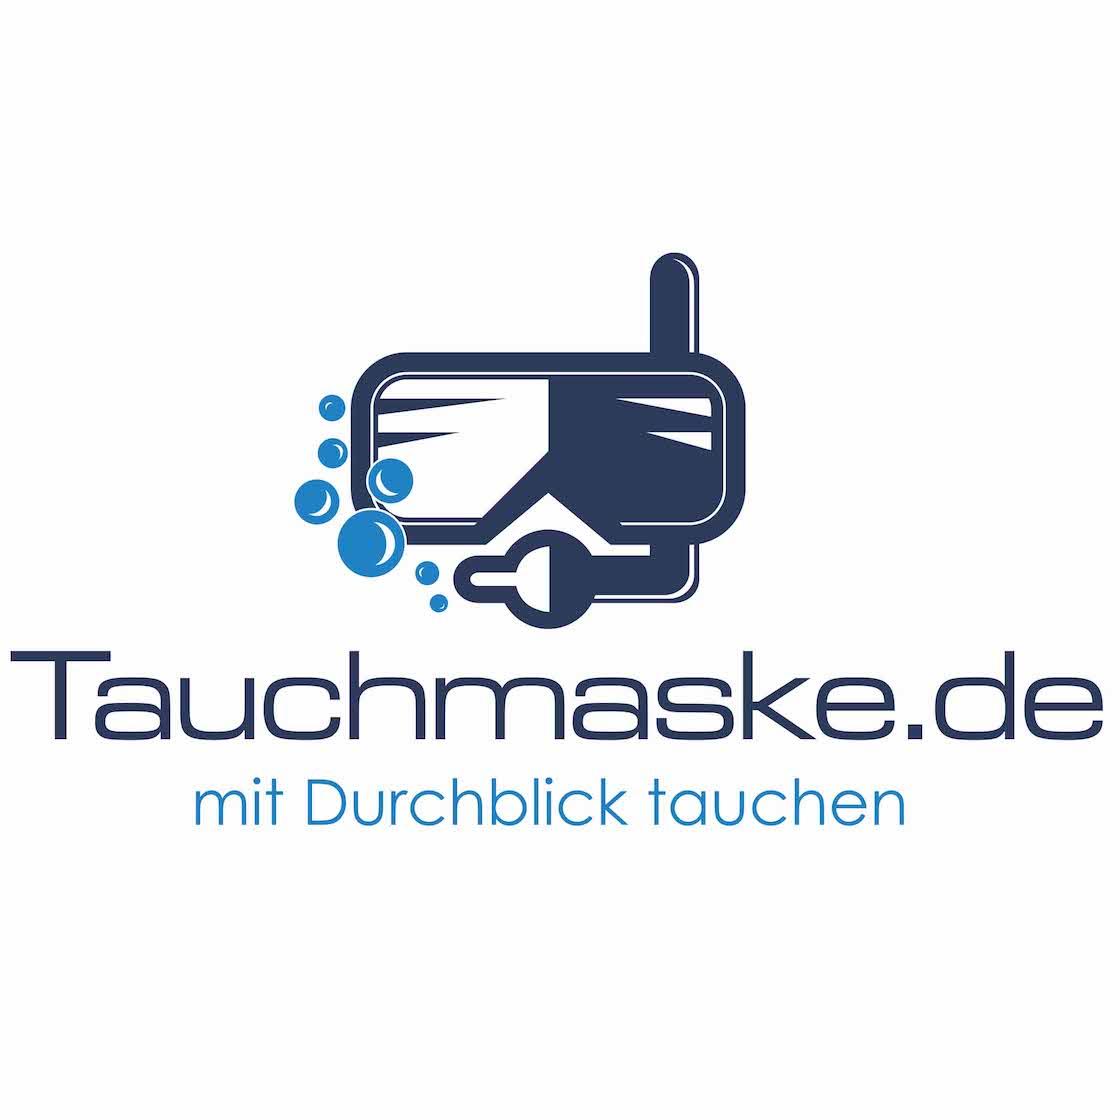 Tauchmaske Logo